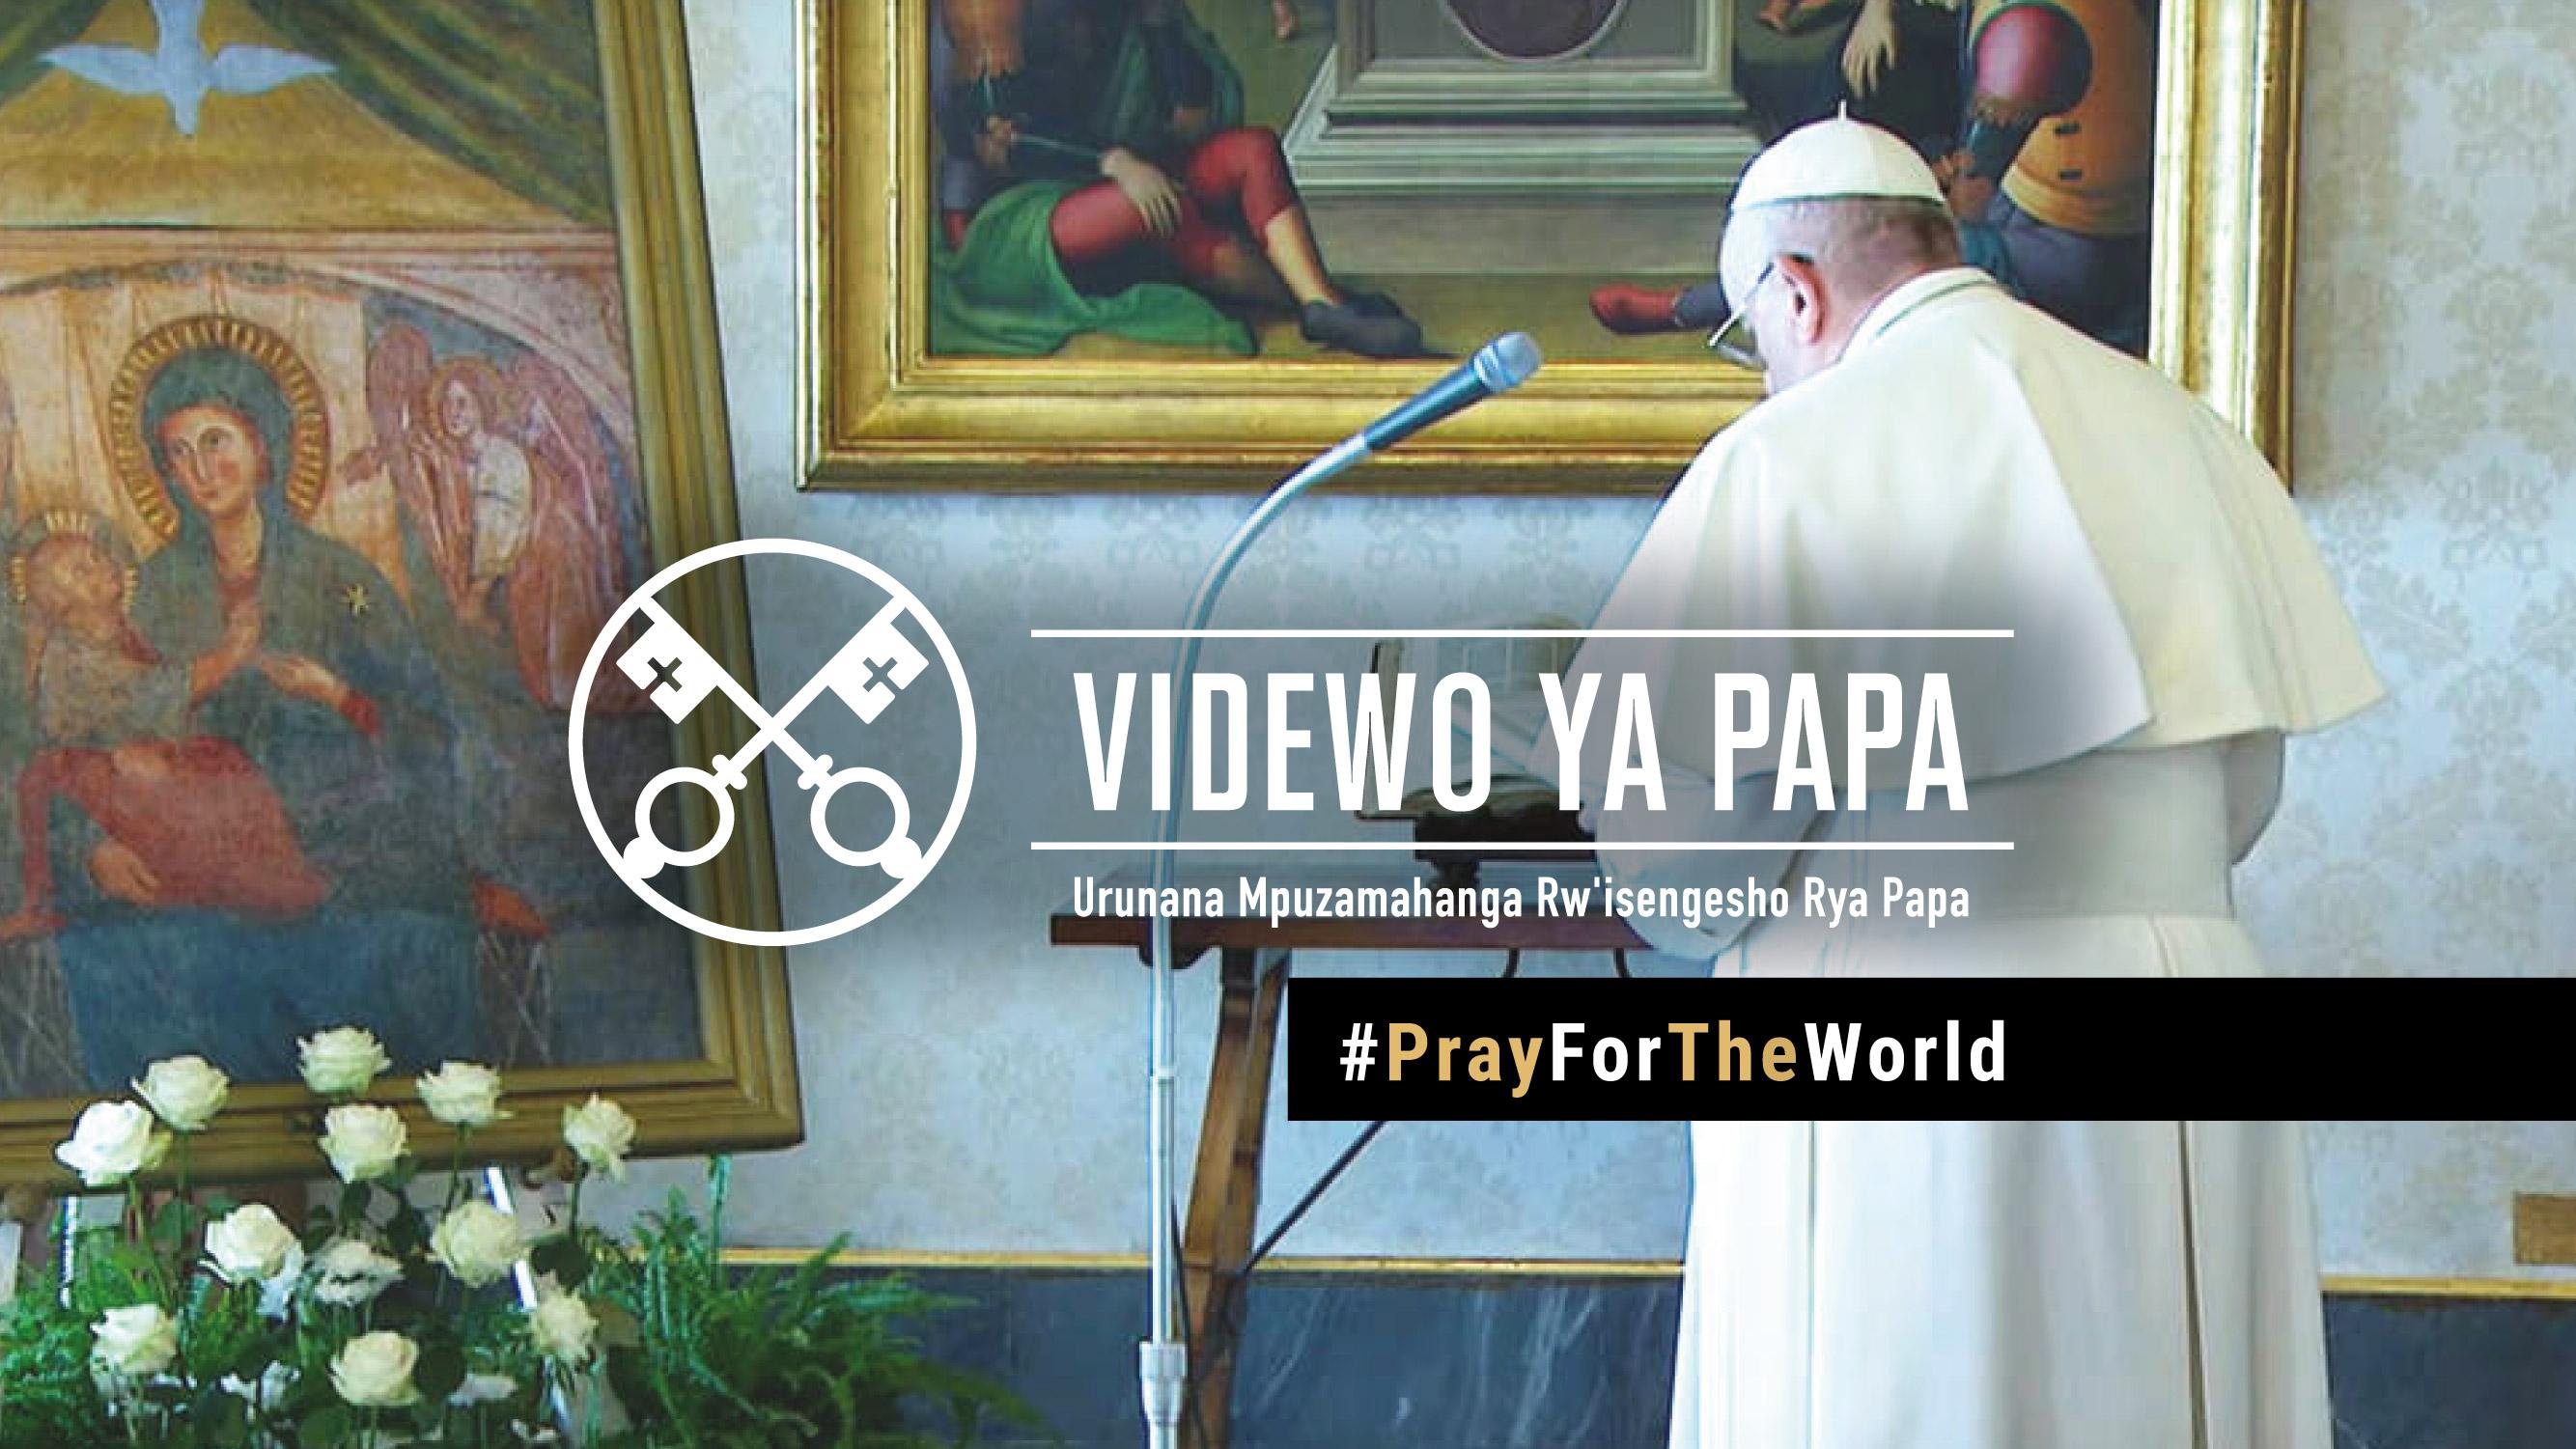 WERURWE: #PrayForTheWorld